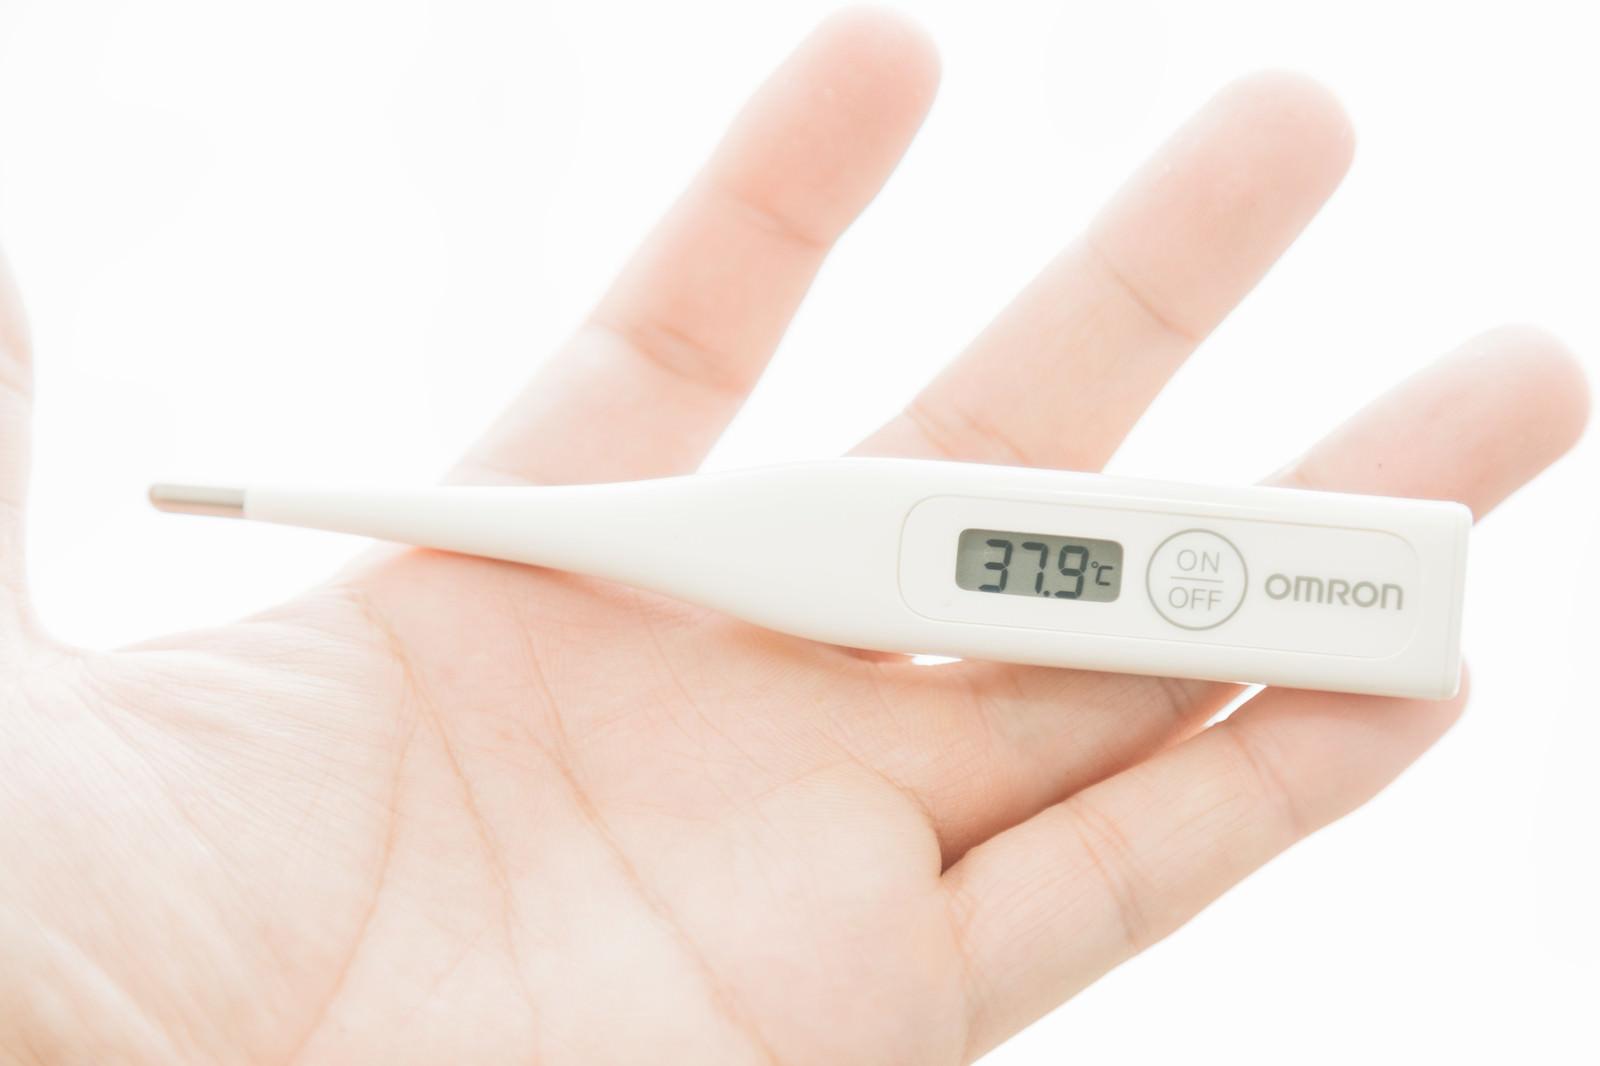 「風邪をひいたので熱を測ったら37.9℃風邪をひいたので熱を測ったら37.9℃」のフリー写真素材を拡大